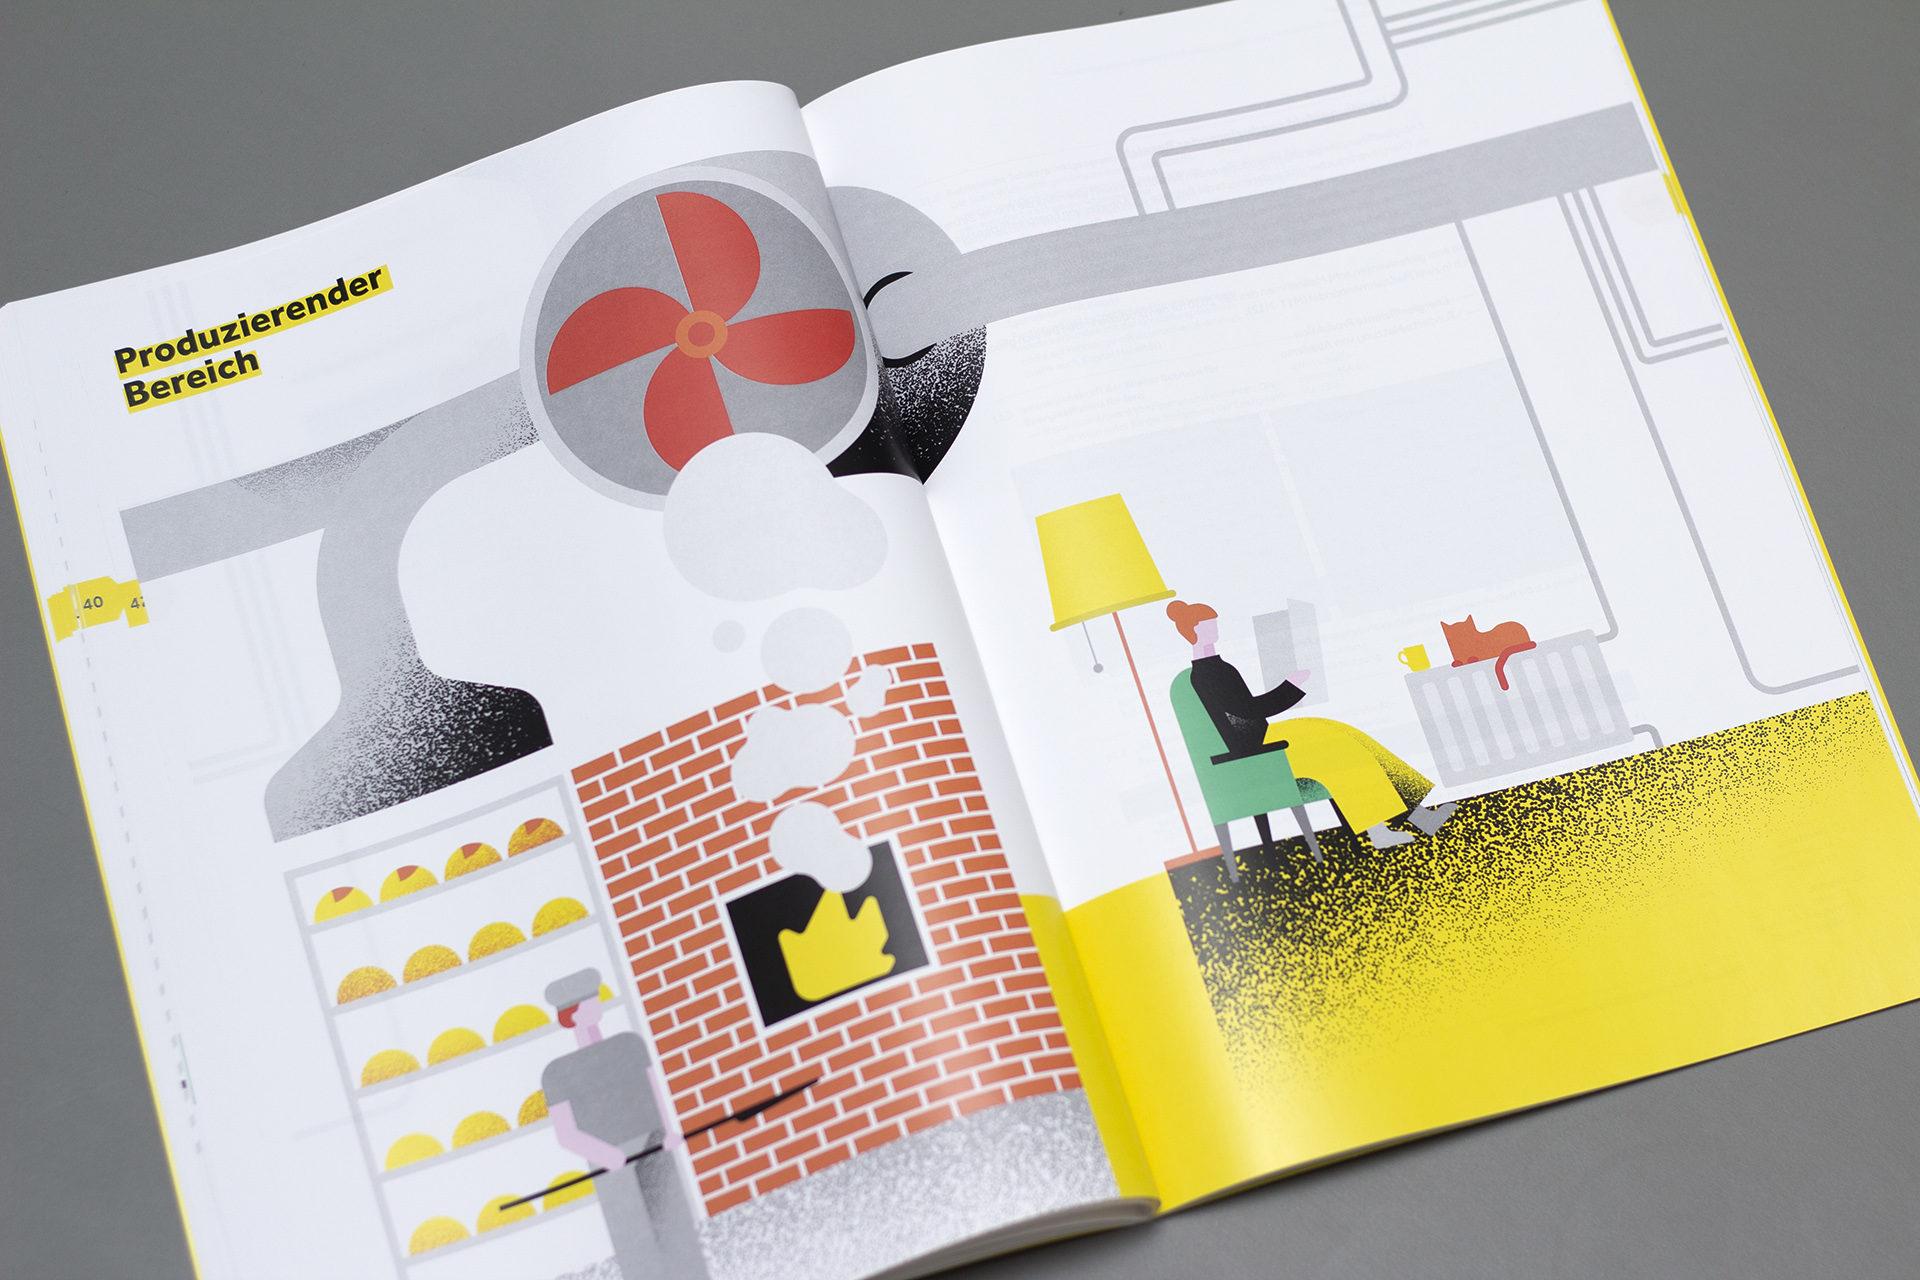 Seiten aus dem Energiebericht der Stadt Wien mit Illustrationen von einer Backstube und einer Frau in Wohnzimmer sitzend mit Katze auf der Heizung